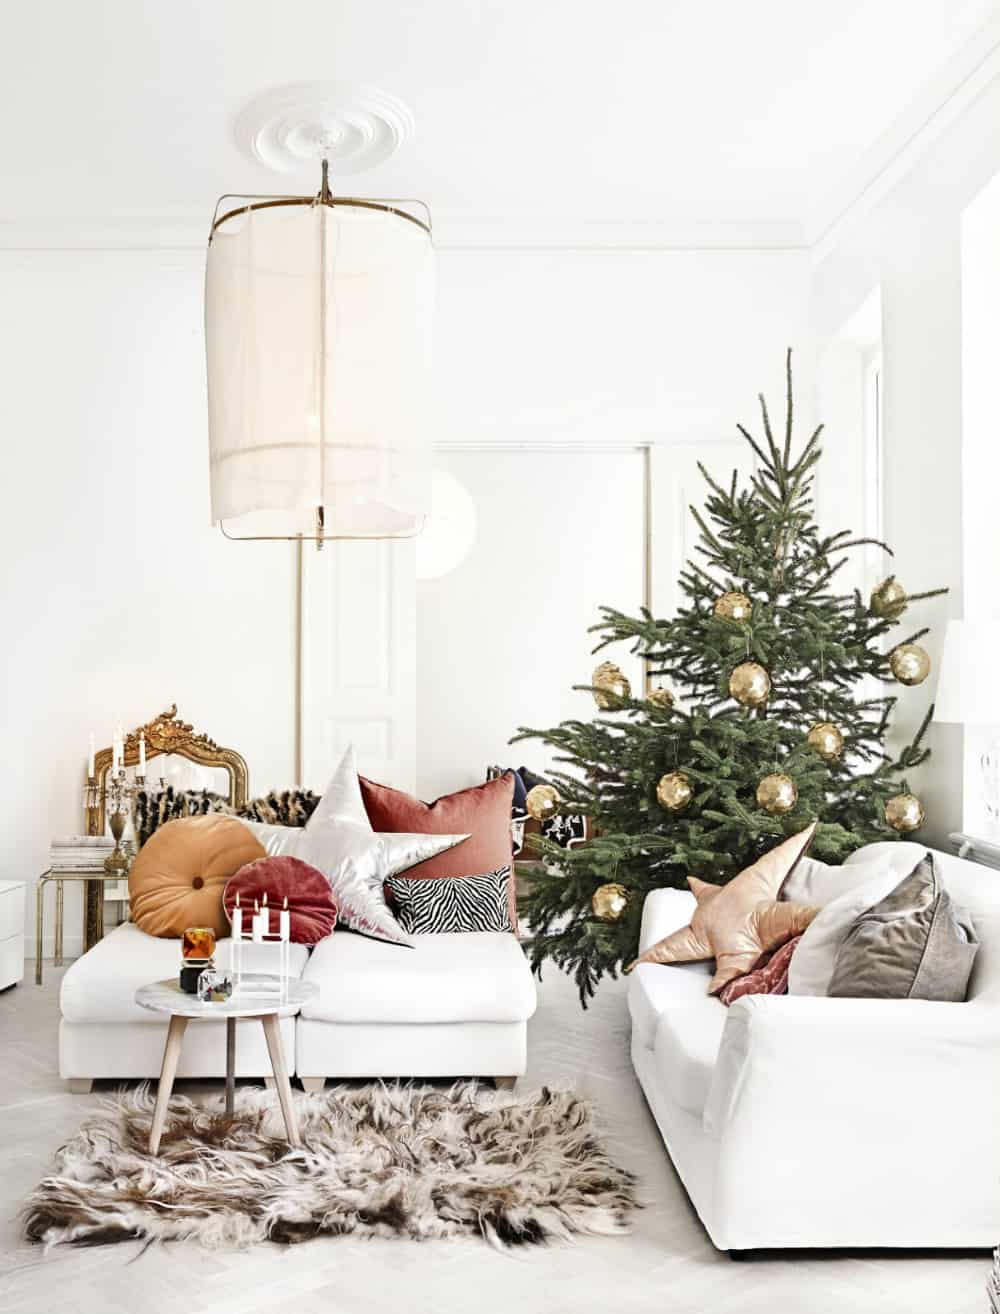 Luxe Christmas decor